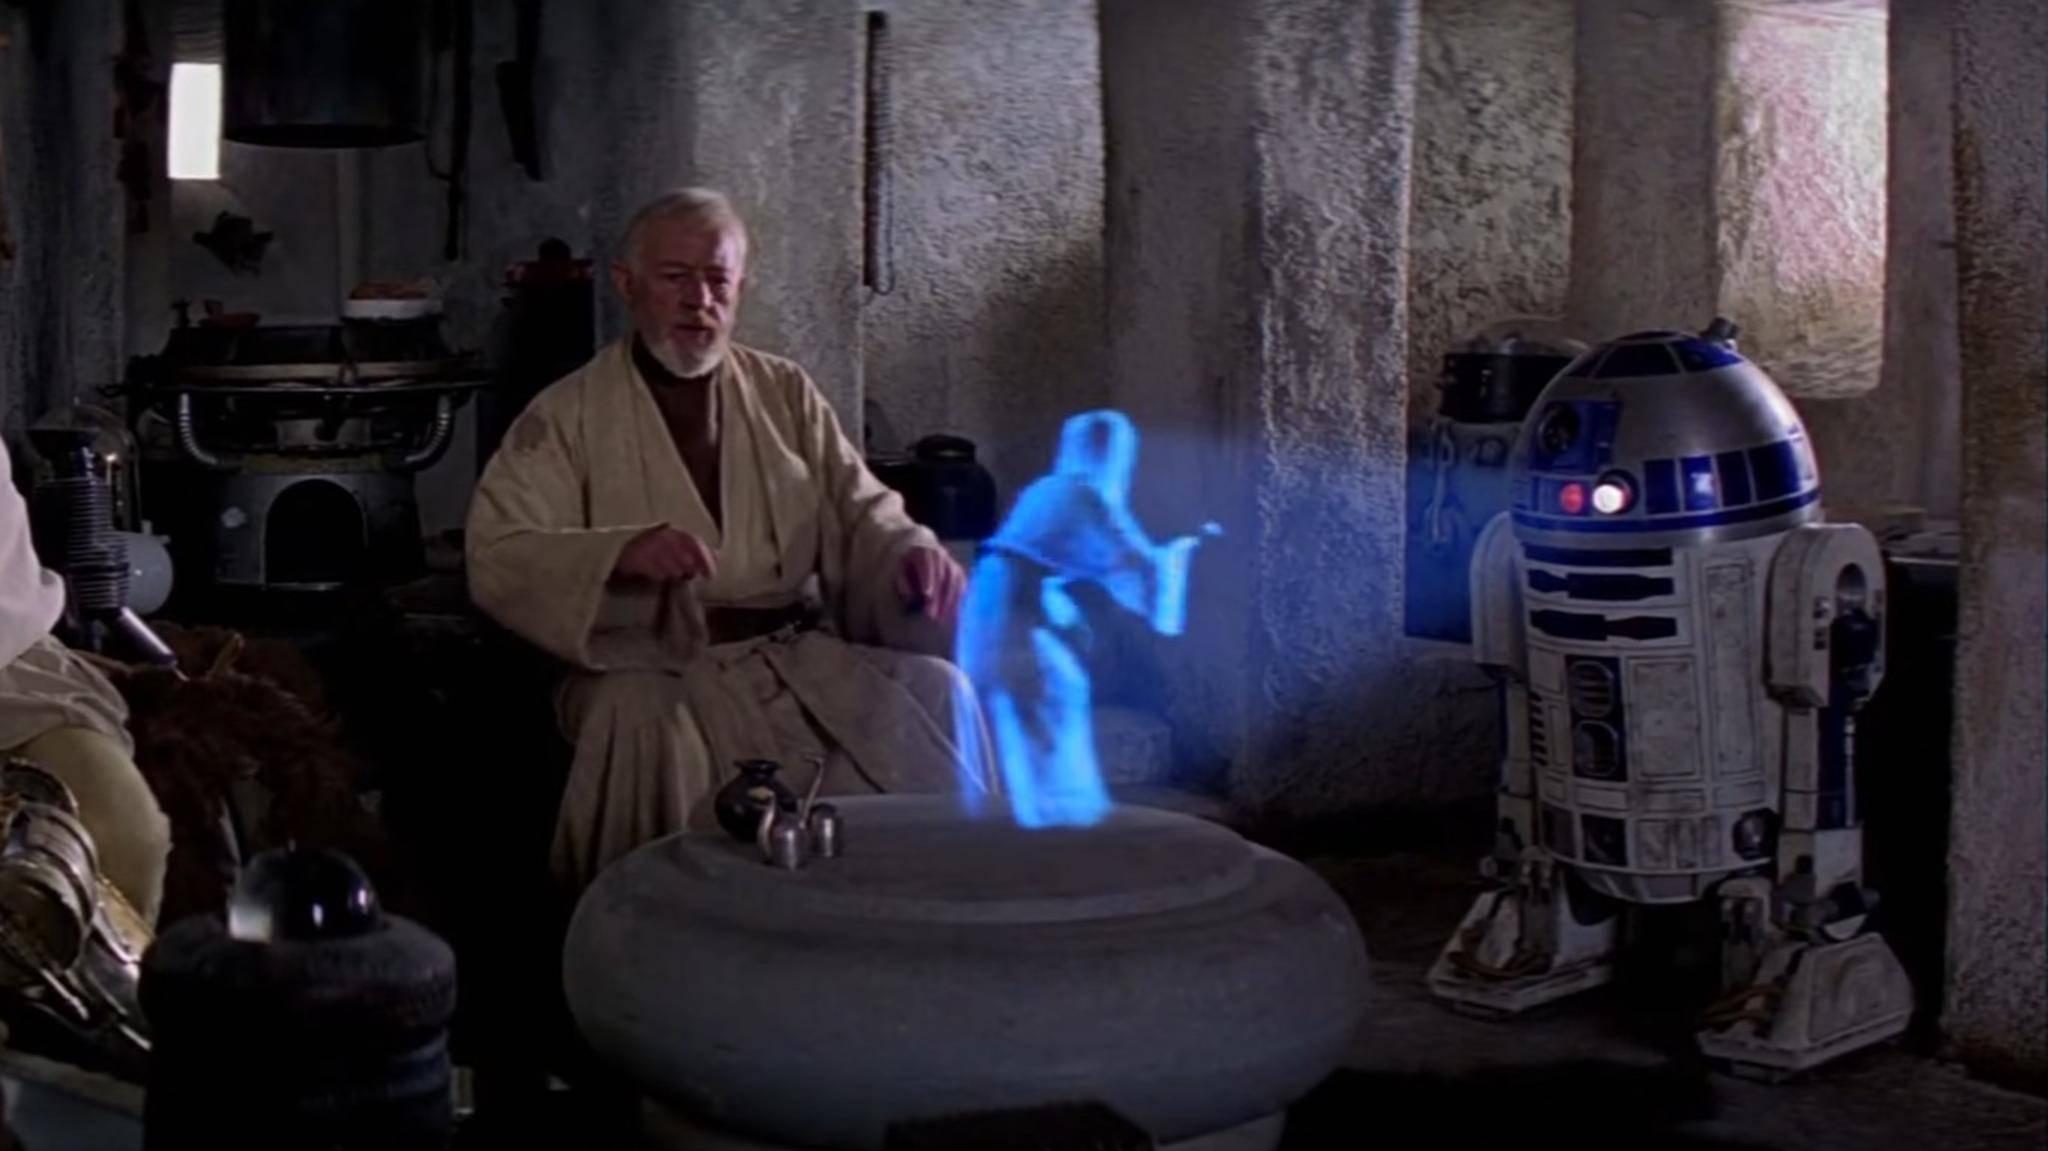 """Kann sich bald jeder Hologramme wie Leia in """"Star Wars"""" auf dem Fernseher Zuhause ansehen?"""